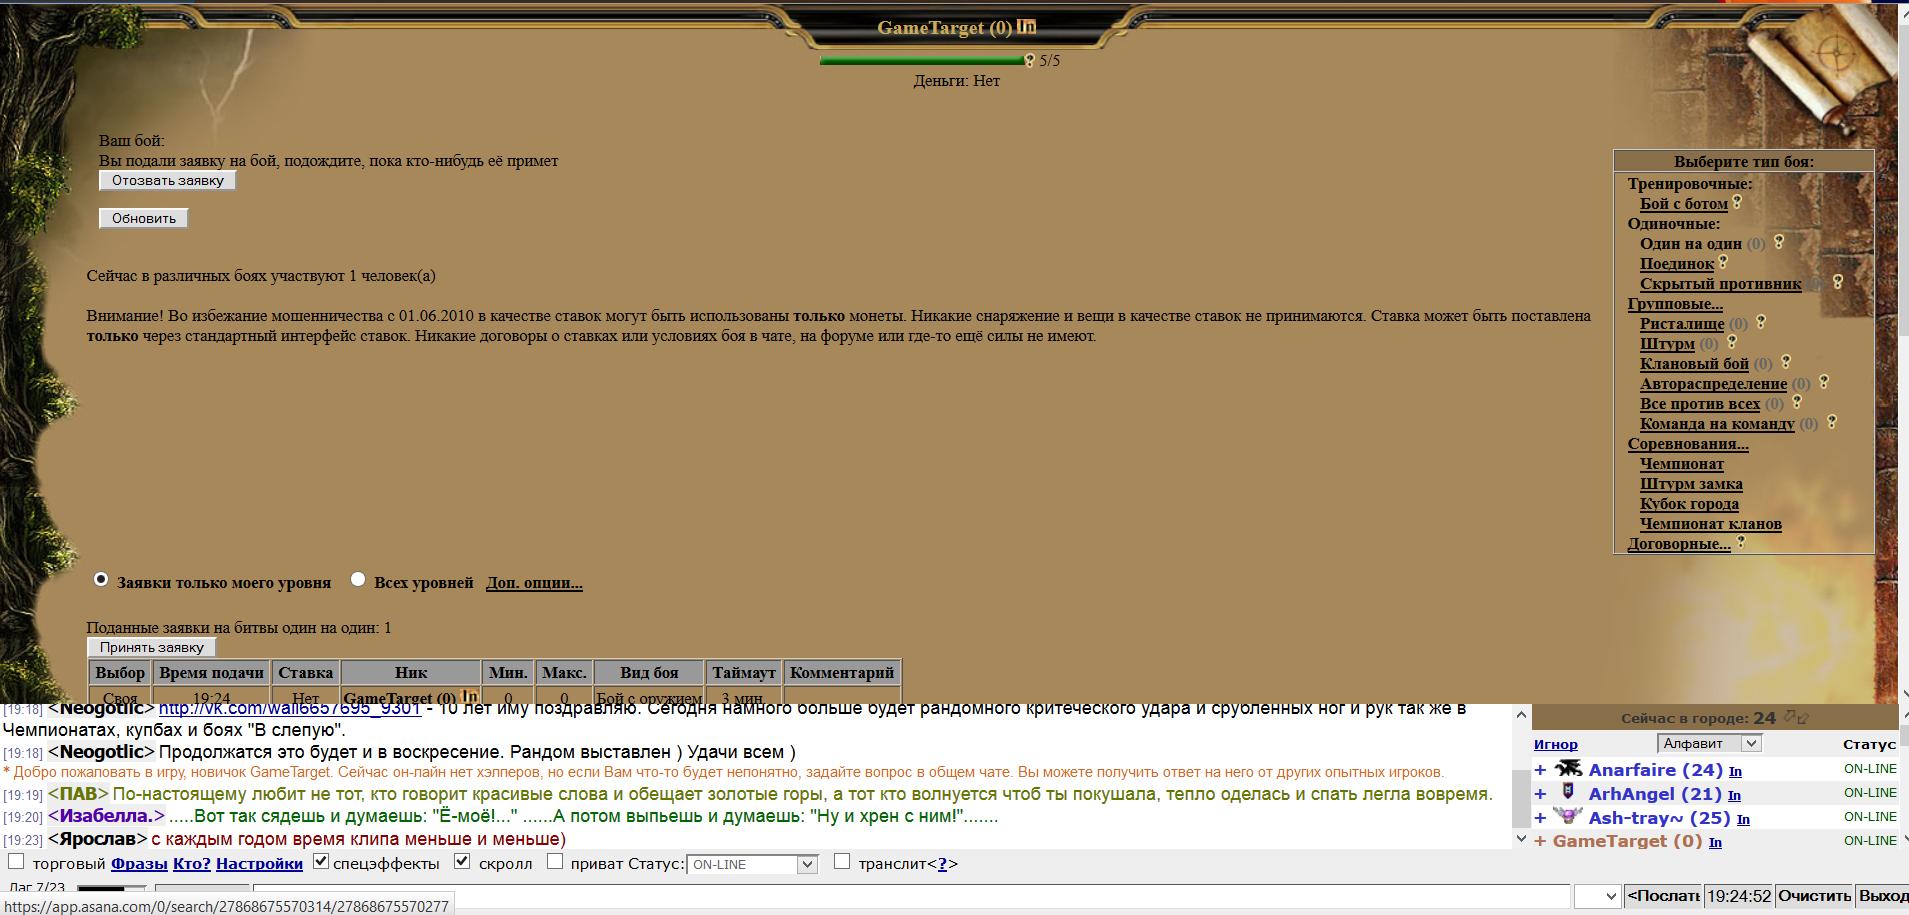 Игры онлайн бесплатно поиск предметов играть русском языке